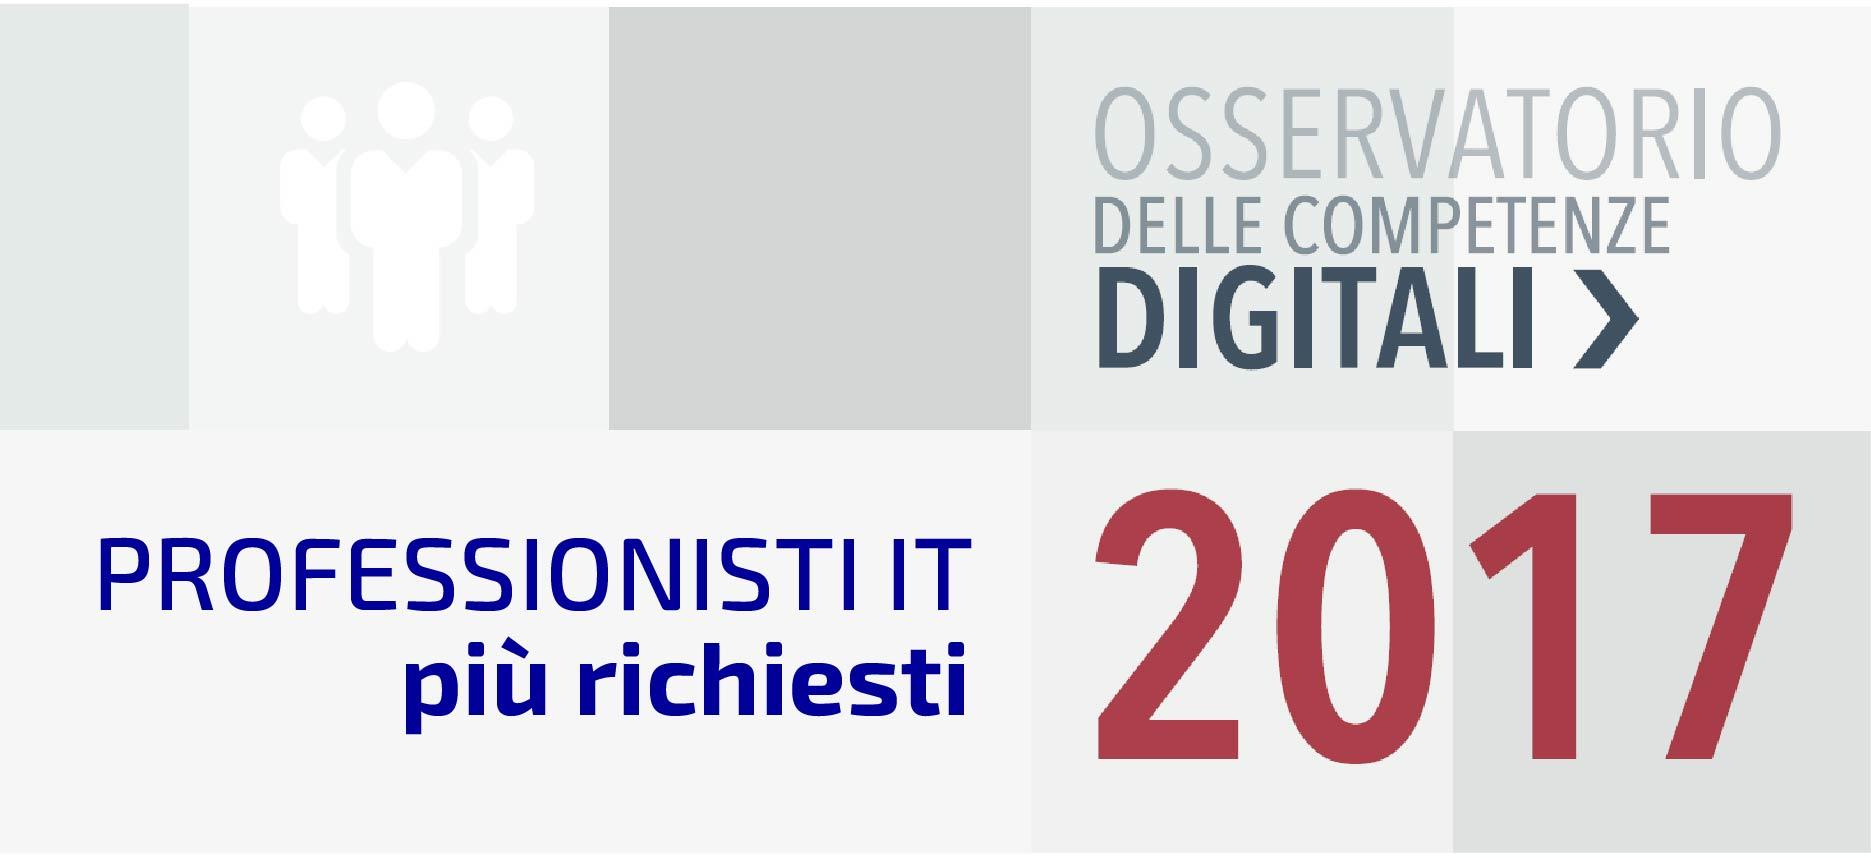 header_articolo_cmpetenze digitali-05